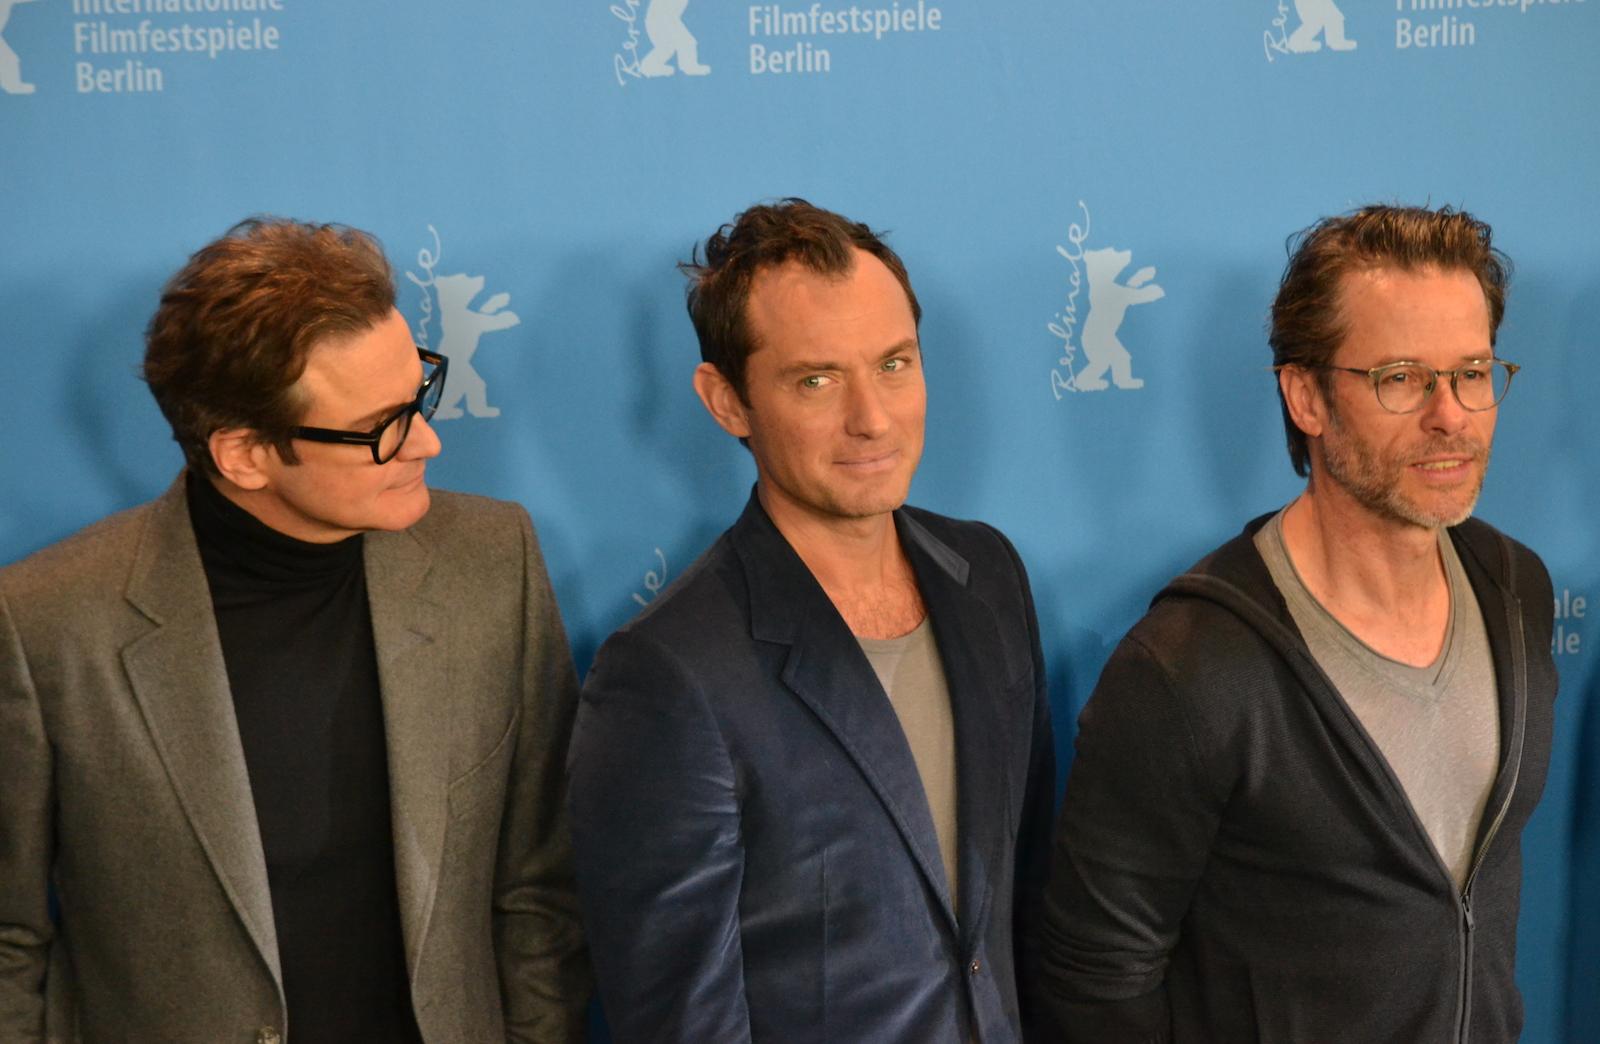 Berlino 2016: Colin Firth, Jude Law, Guy Pearce al photocall di Genius